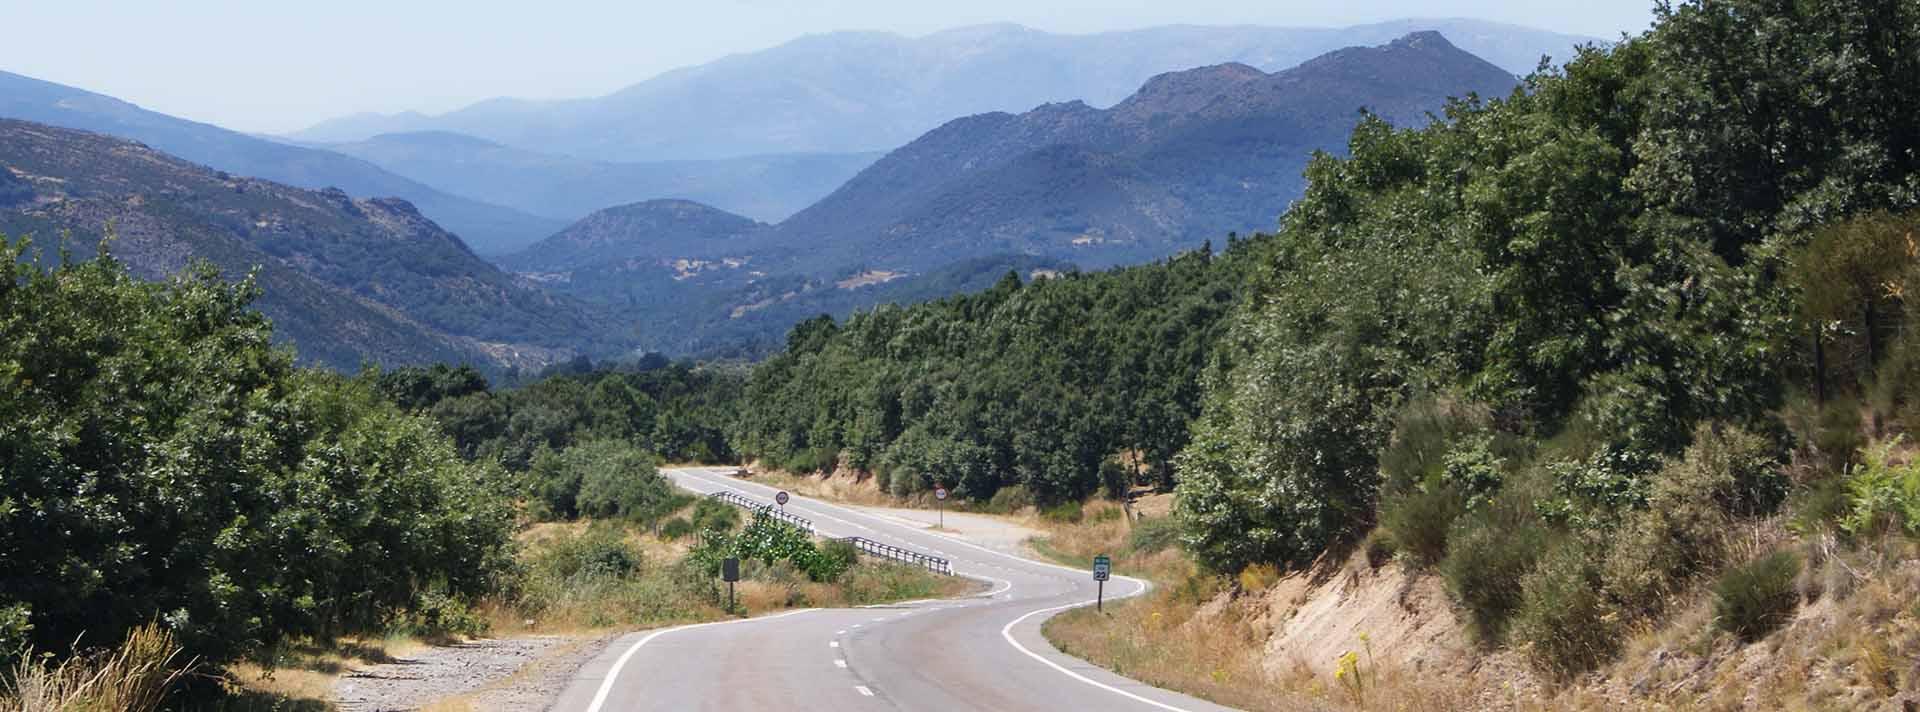 Carretera de Gredos